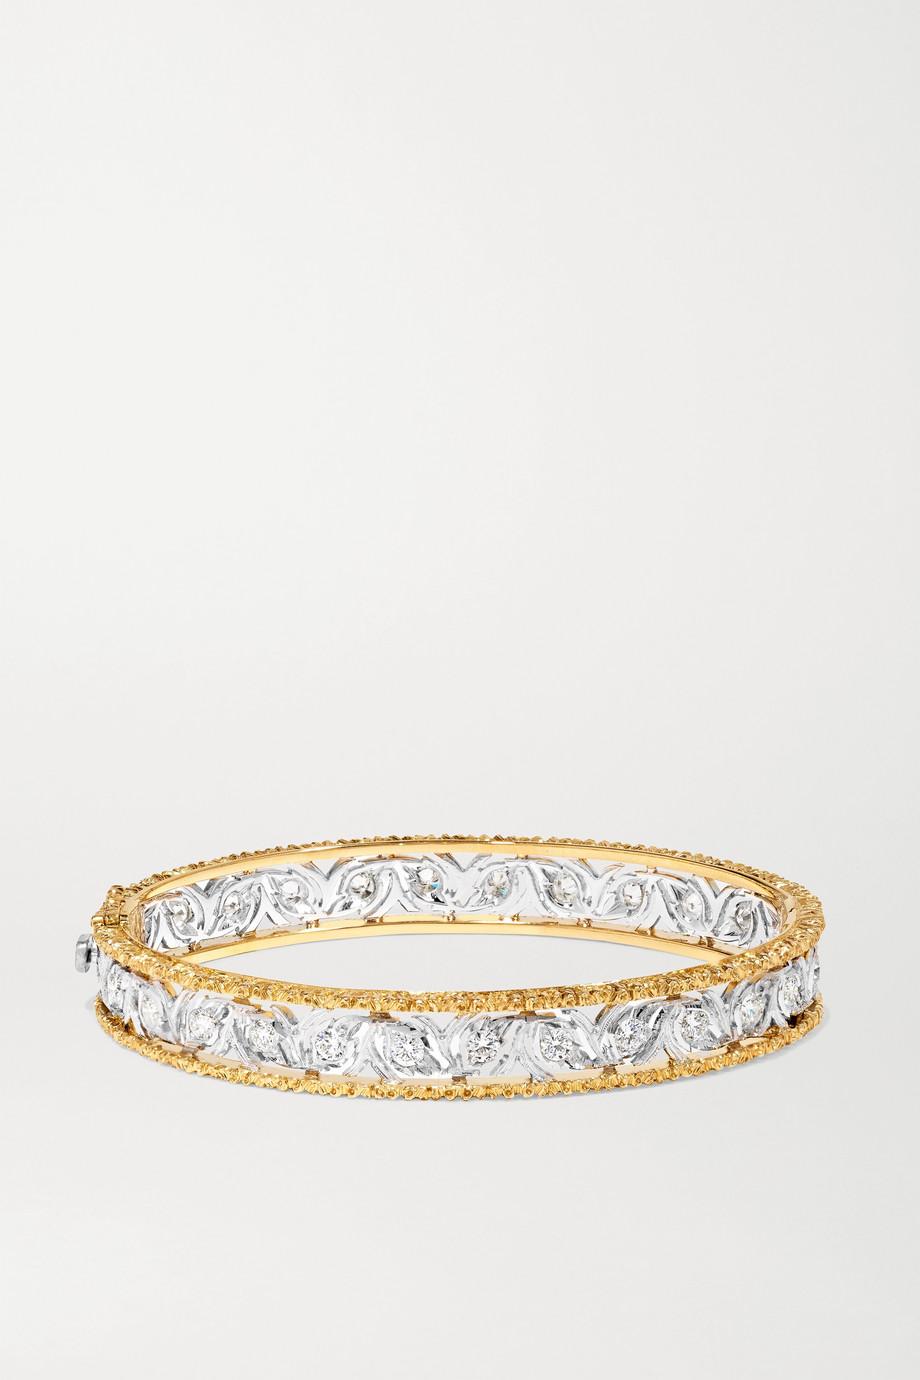 Buccellati Ramage Armreif aus 18 Karat Gelb- und Weißgold mit Diamanten